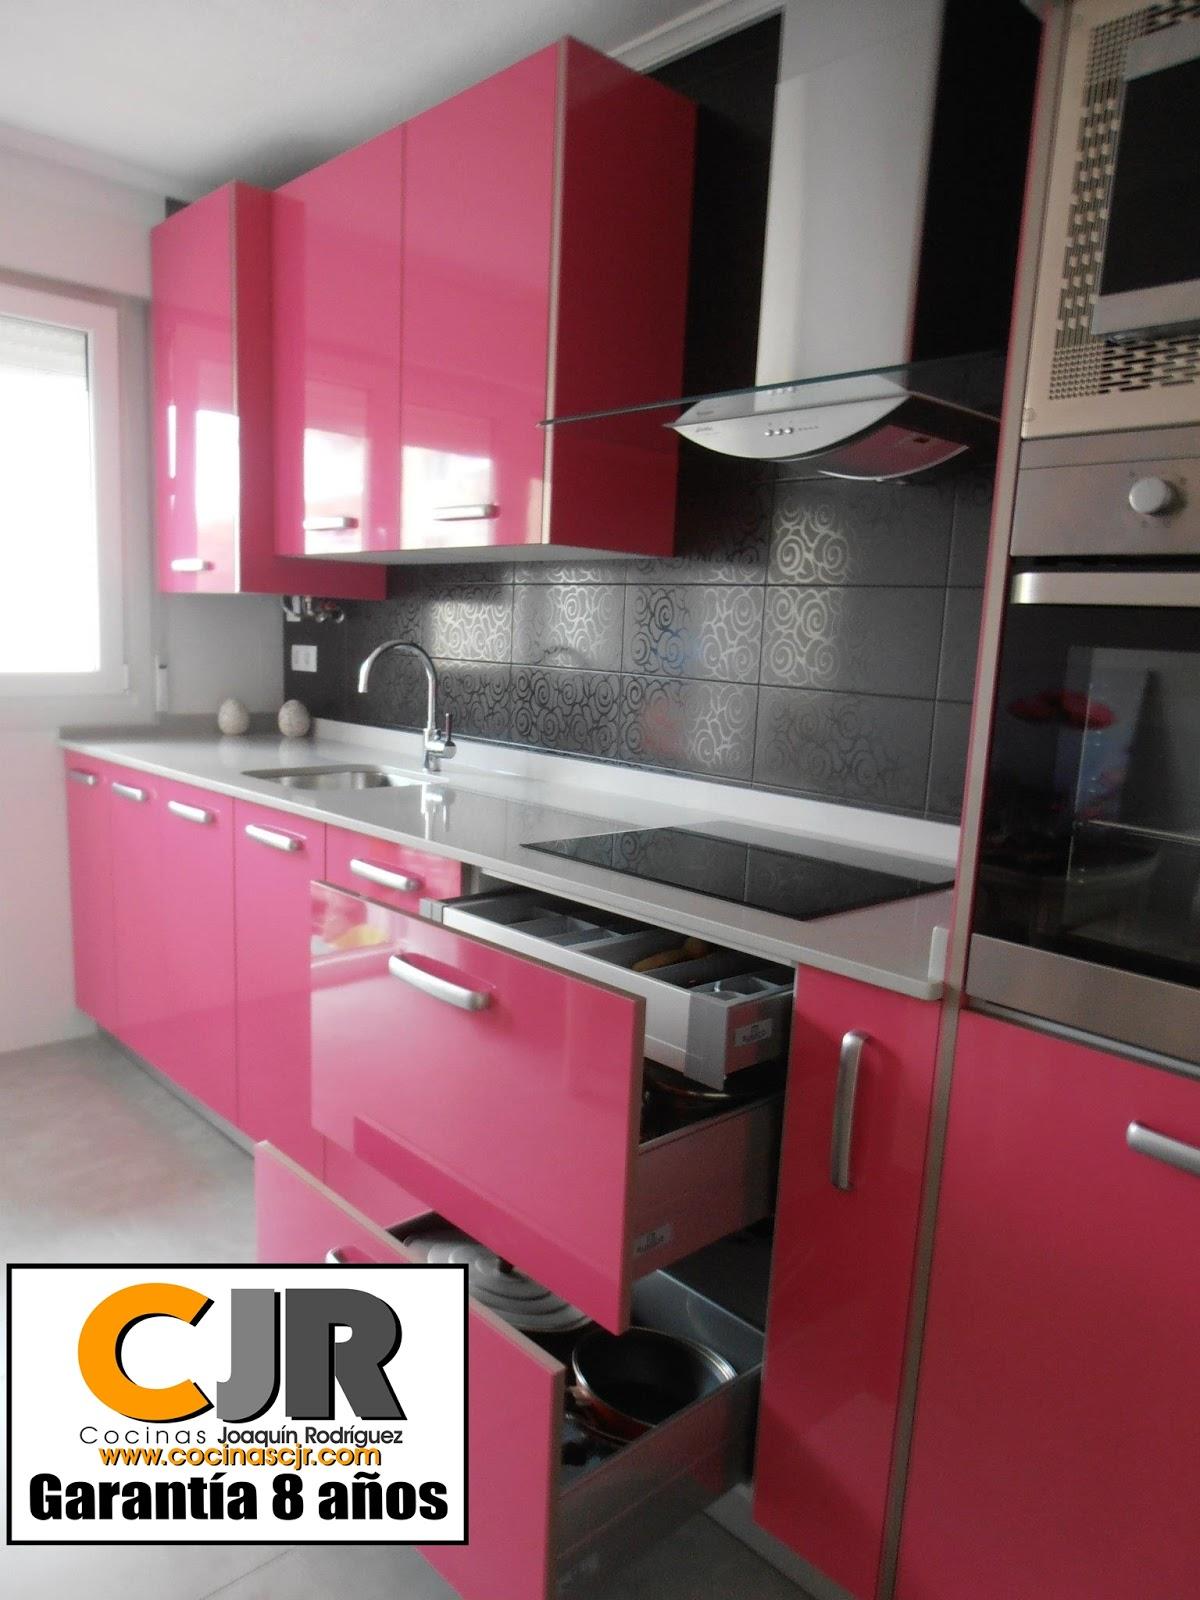 Estudio de cocinas cjr cocinas mini muy practicas cocinas - Cocinas suarco ...